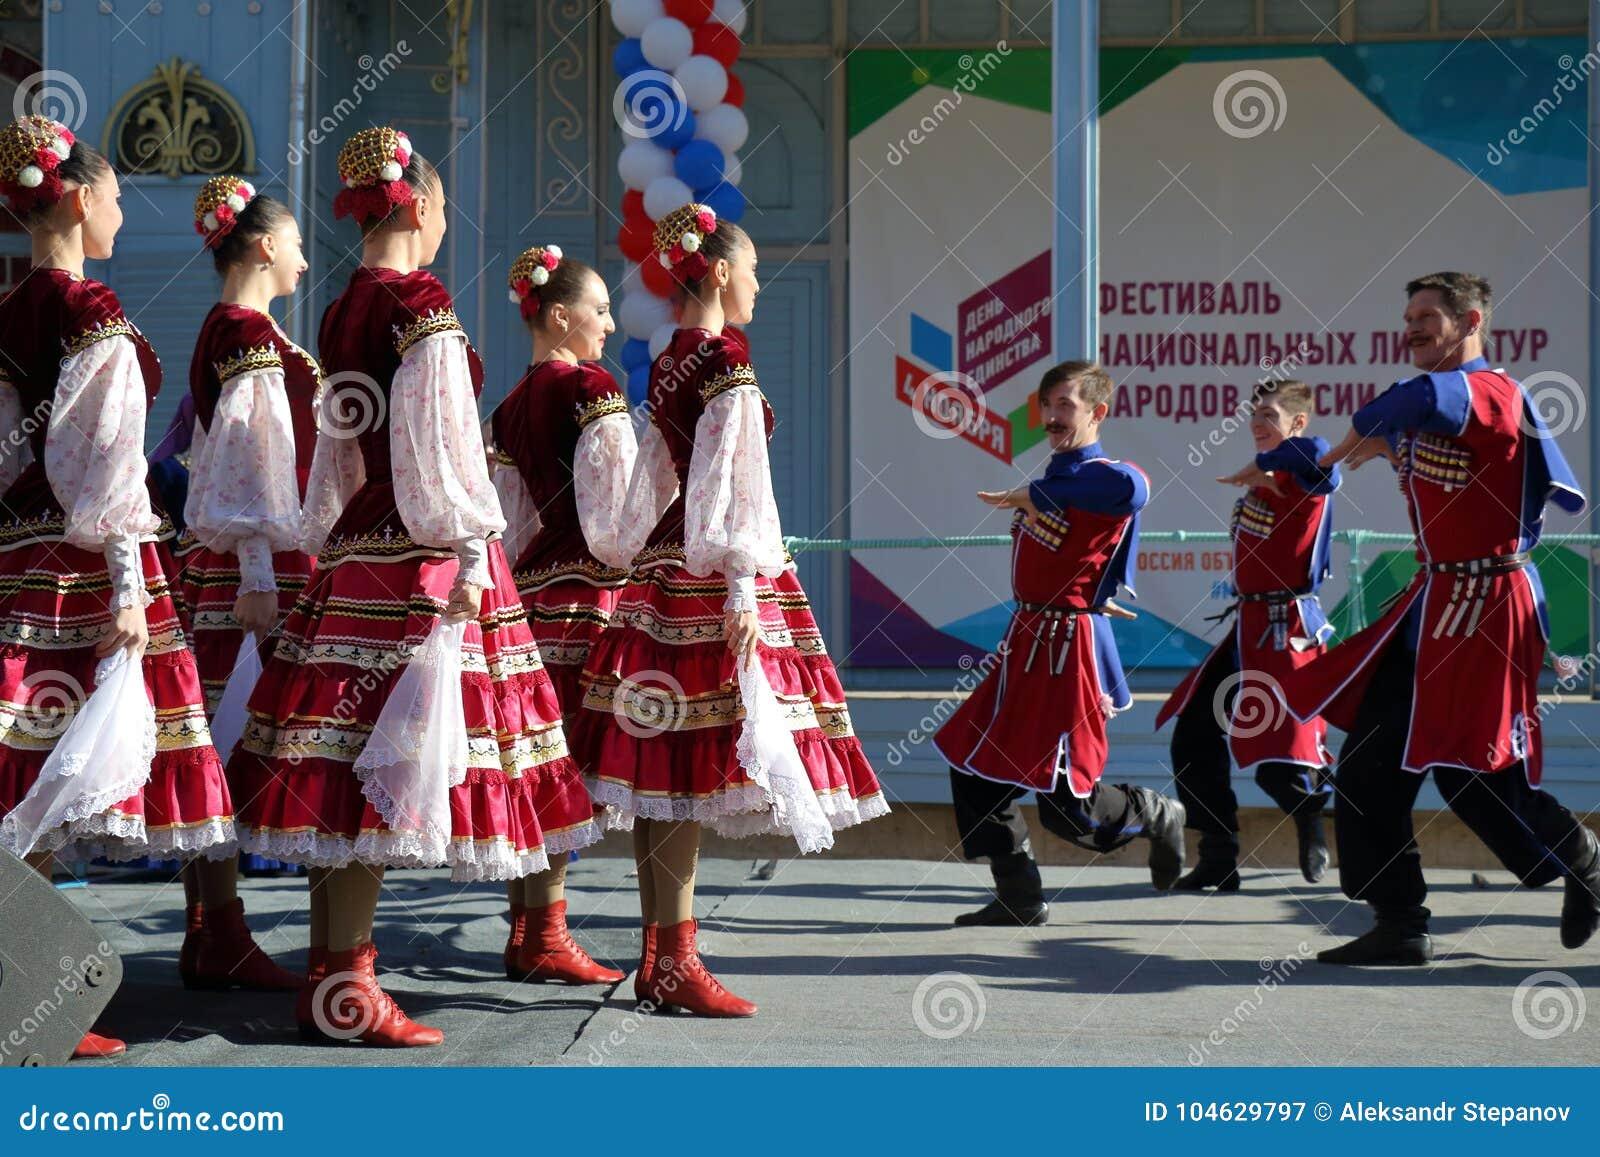 Download De Kozakdans In Traditionele Kleren Pyatigorsk, Rusland Redactionele Fotografie - Afbeelding bestaande uit danser, openbaar: 104629797